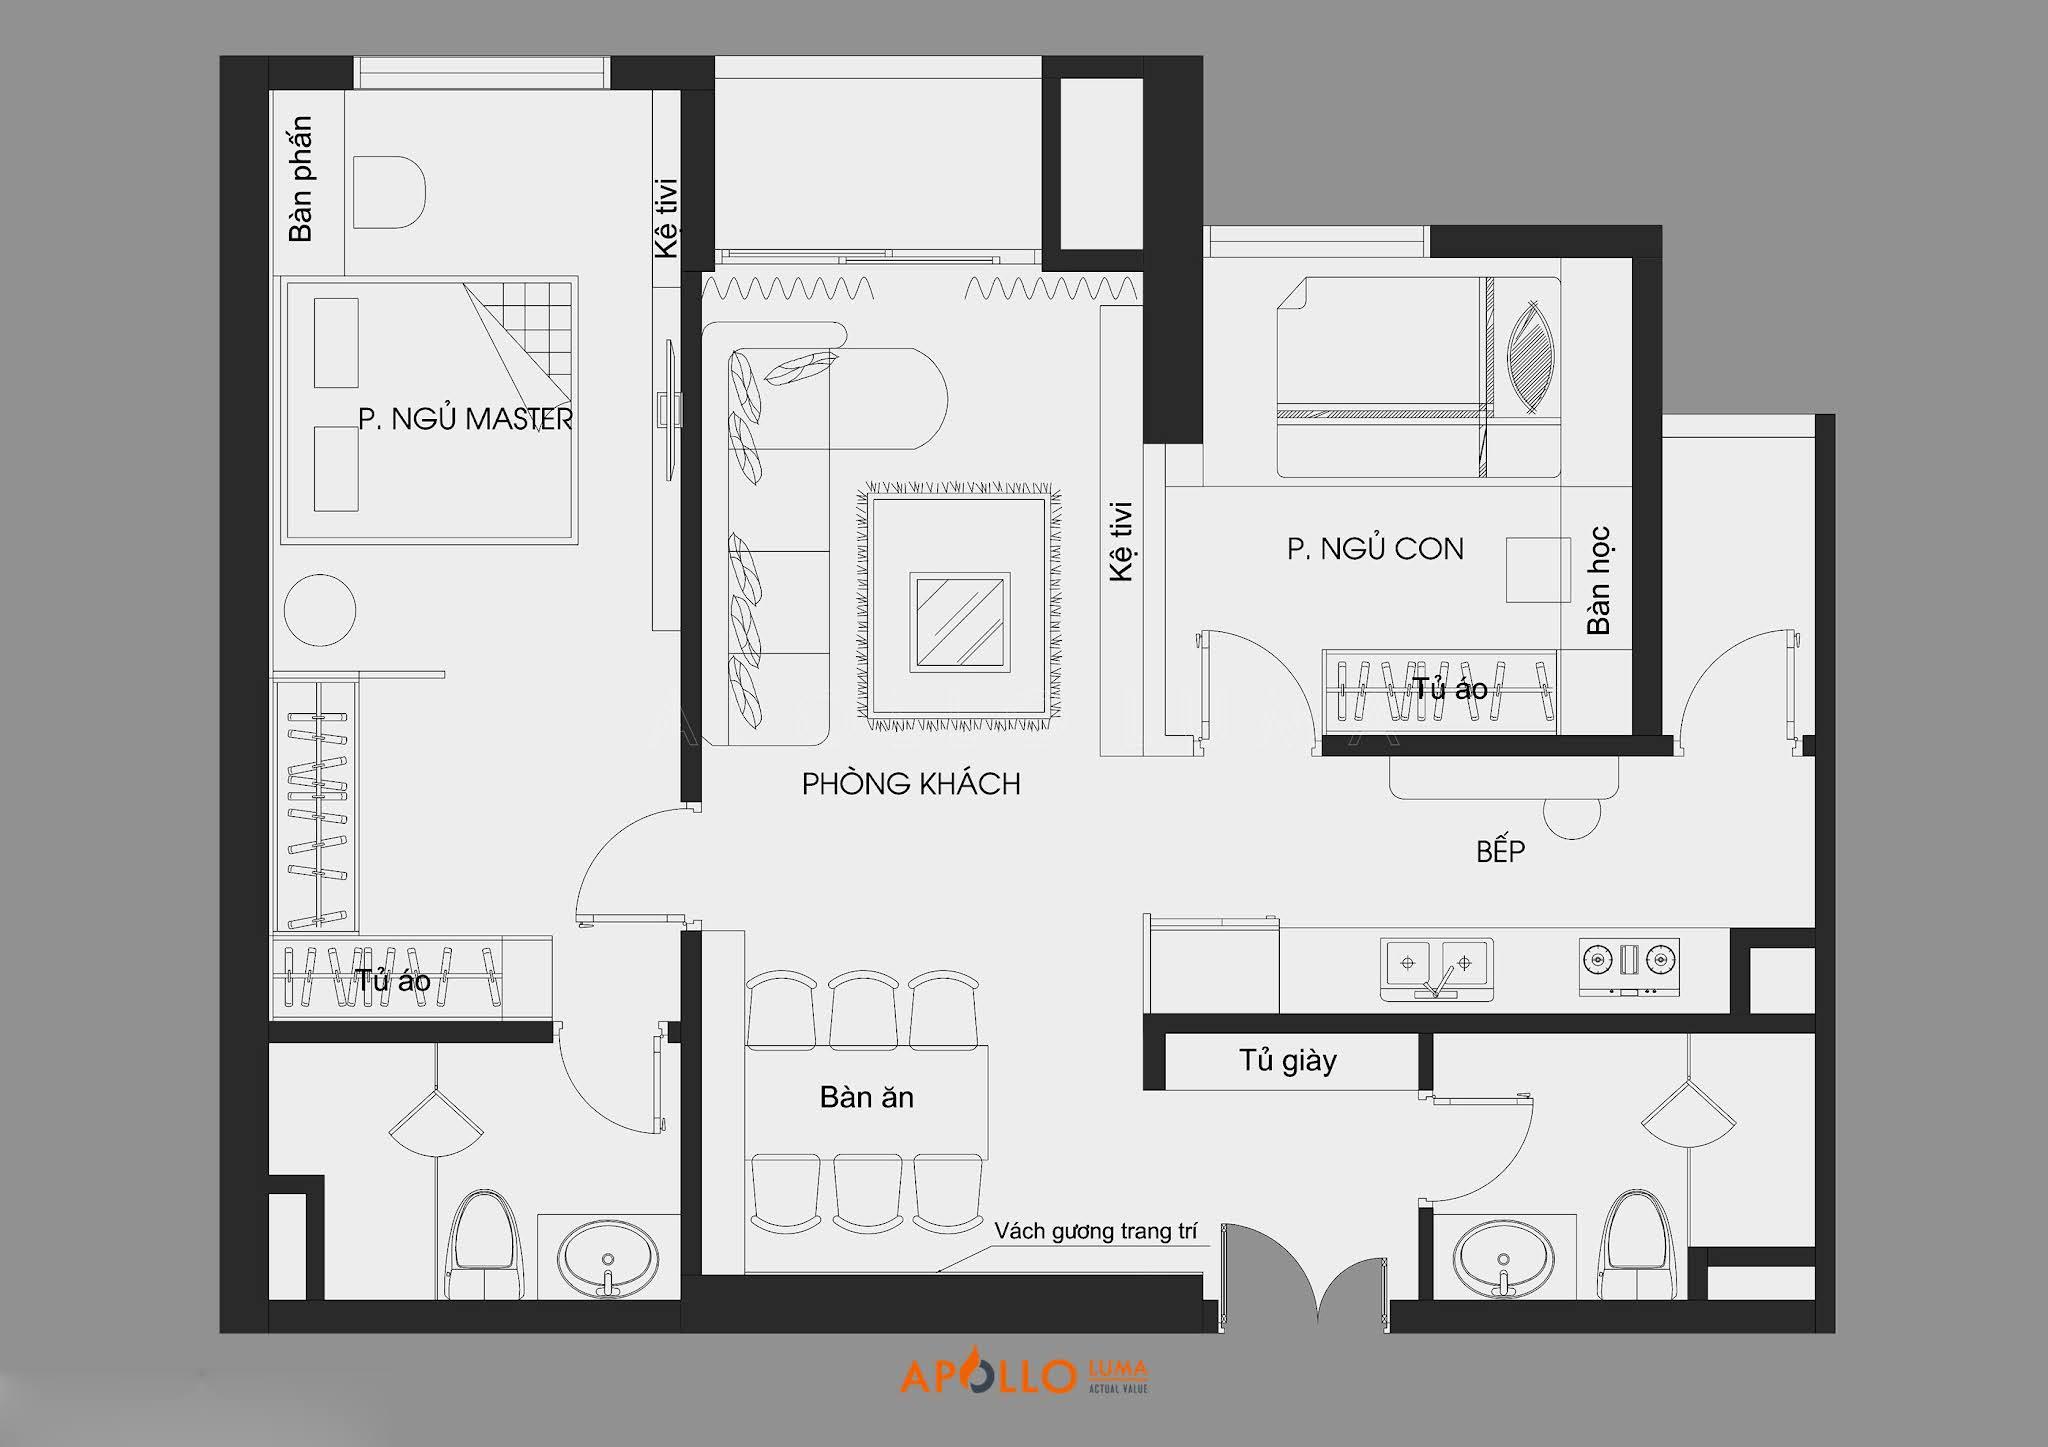 Mặt bằng Thiết kế nội thất căn hộ 2 phòng ngủ (82m2) Imperia Sky Garden 423 Minh Khai